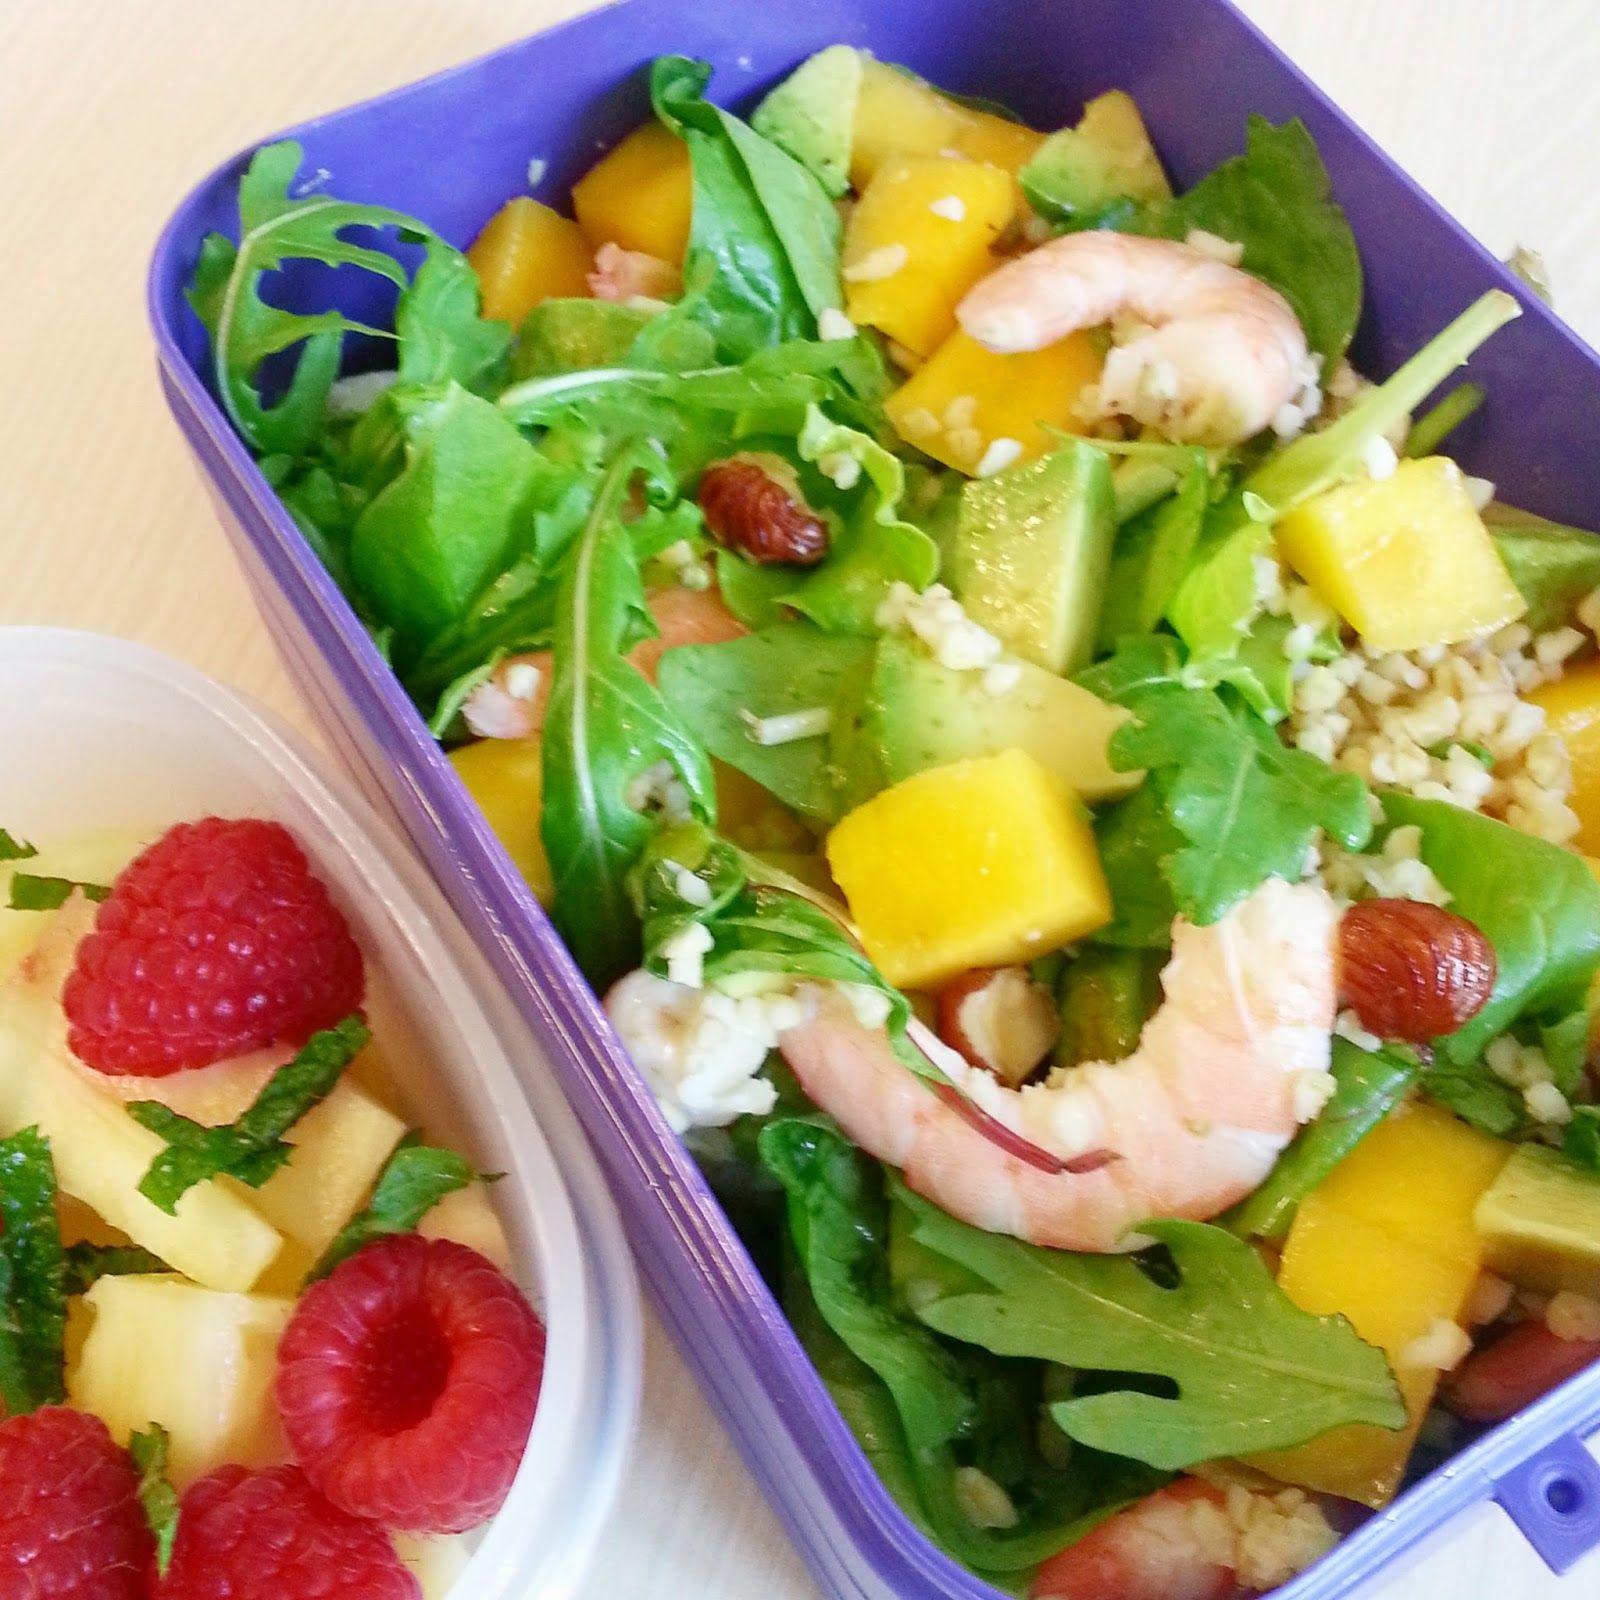 Les p'tits plaisirs d'Emma: Dans ma lunchbox 4 - Salade estivale